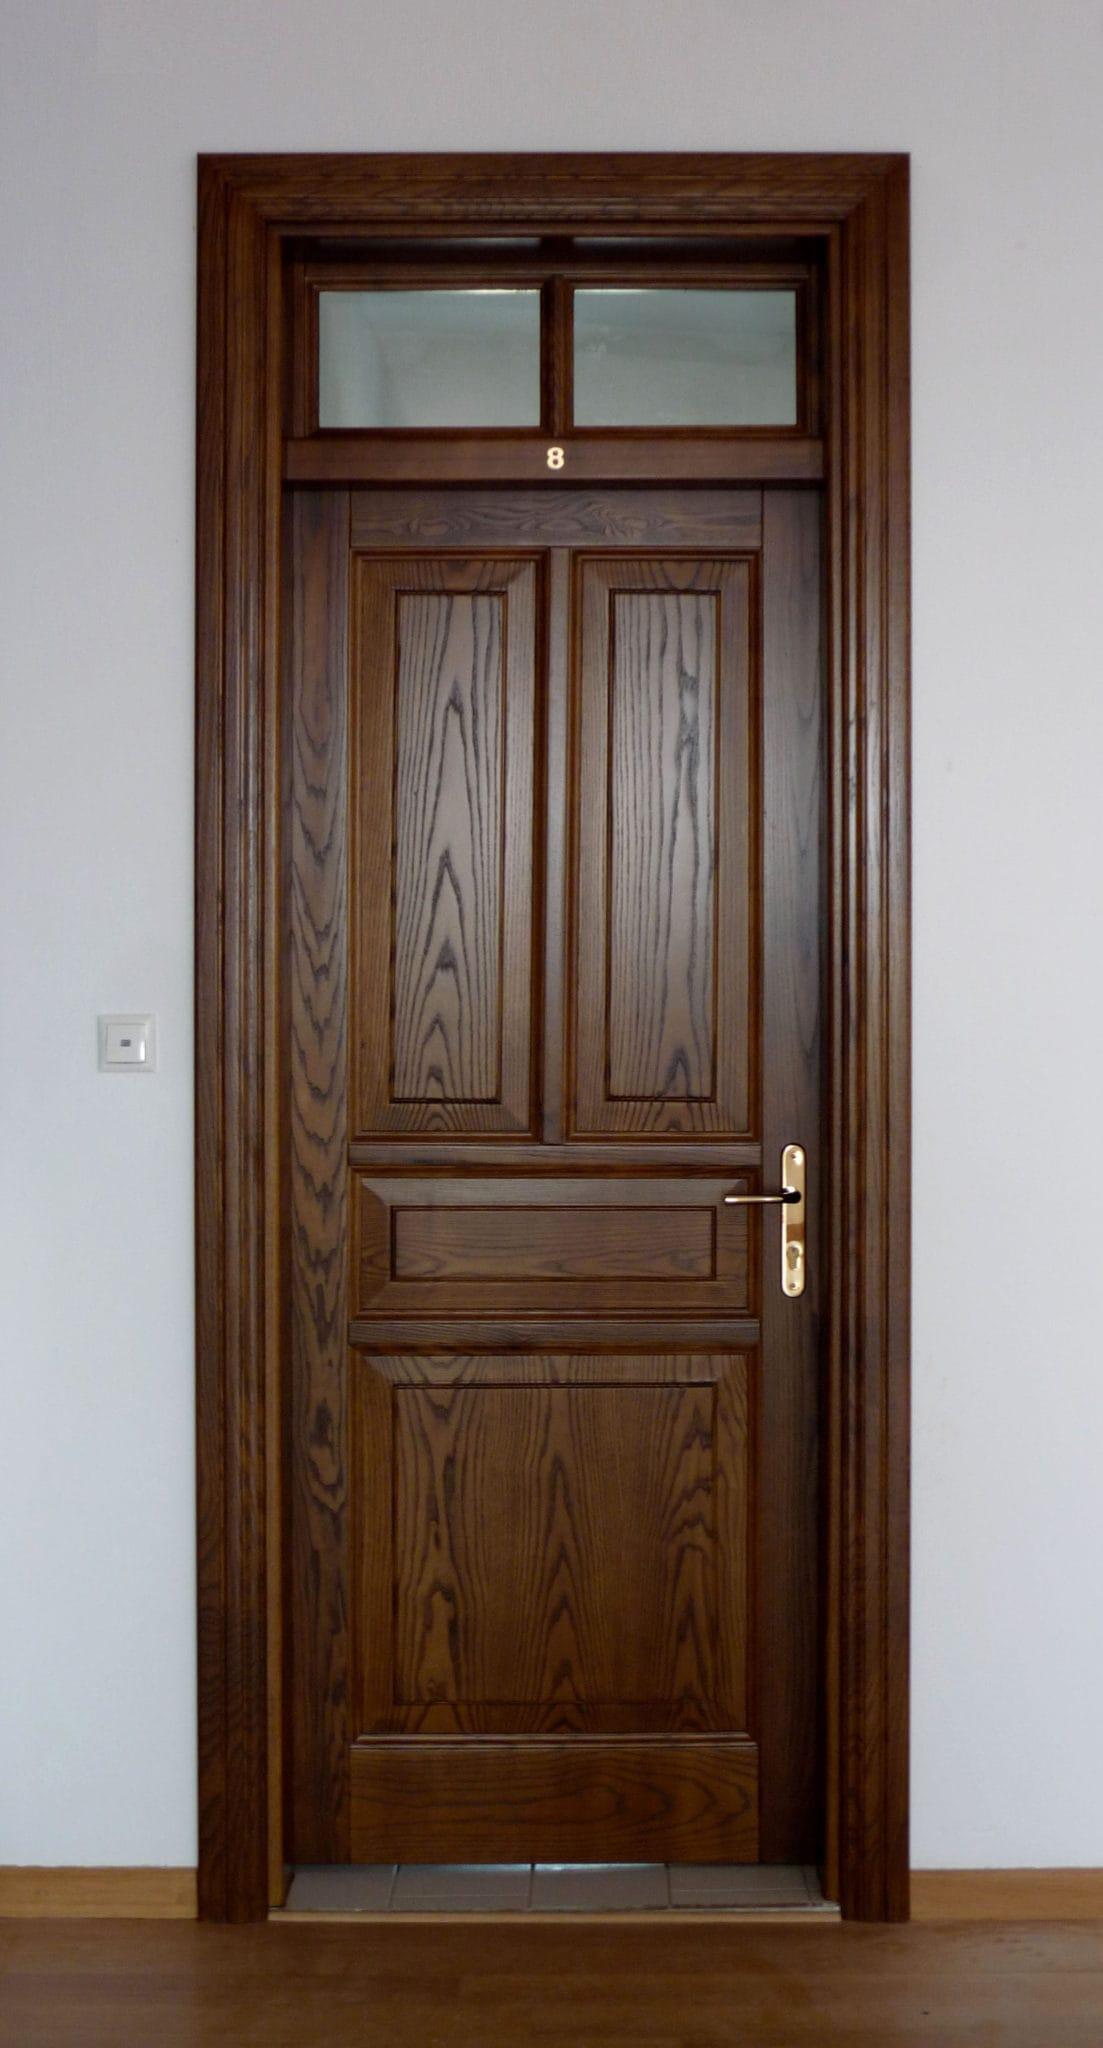 ξύλινη εσωτερική πόρτα με φεγγίτη εξαερισμού